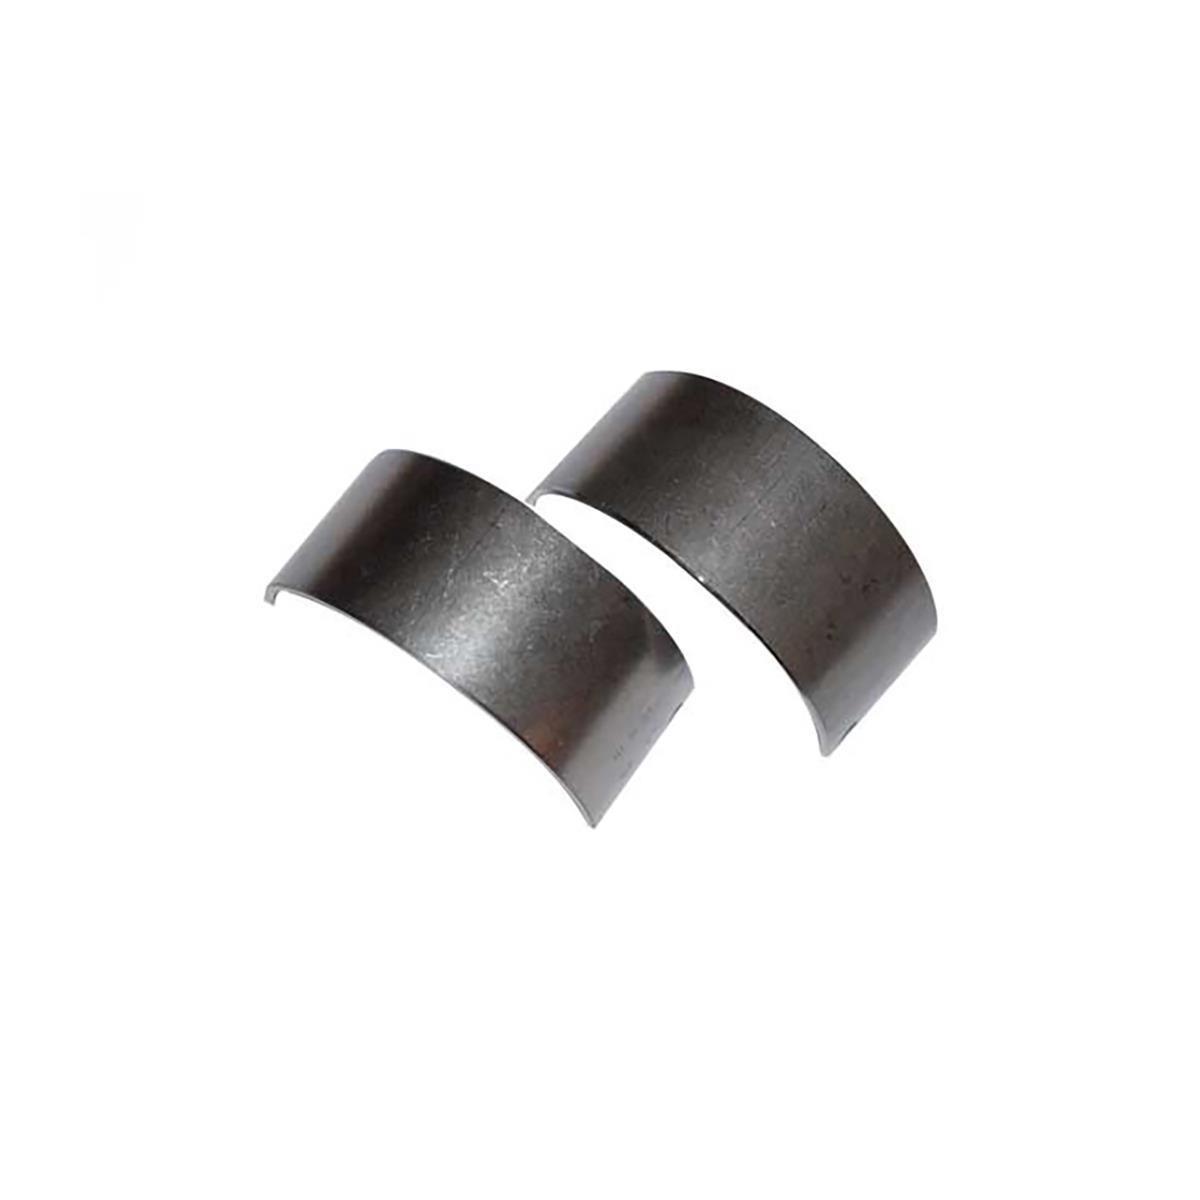 Bronzina Biela MWM X10 4/6 Cil F1000/4000 8150/15180 Std